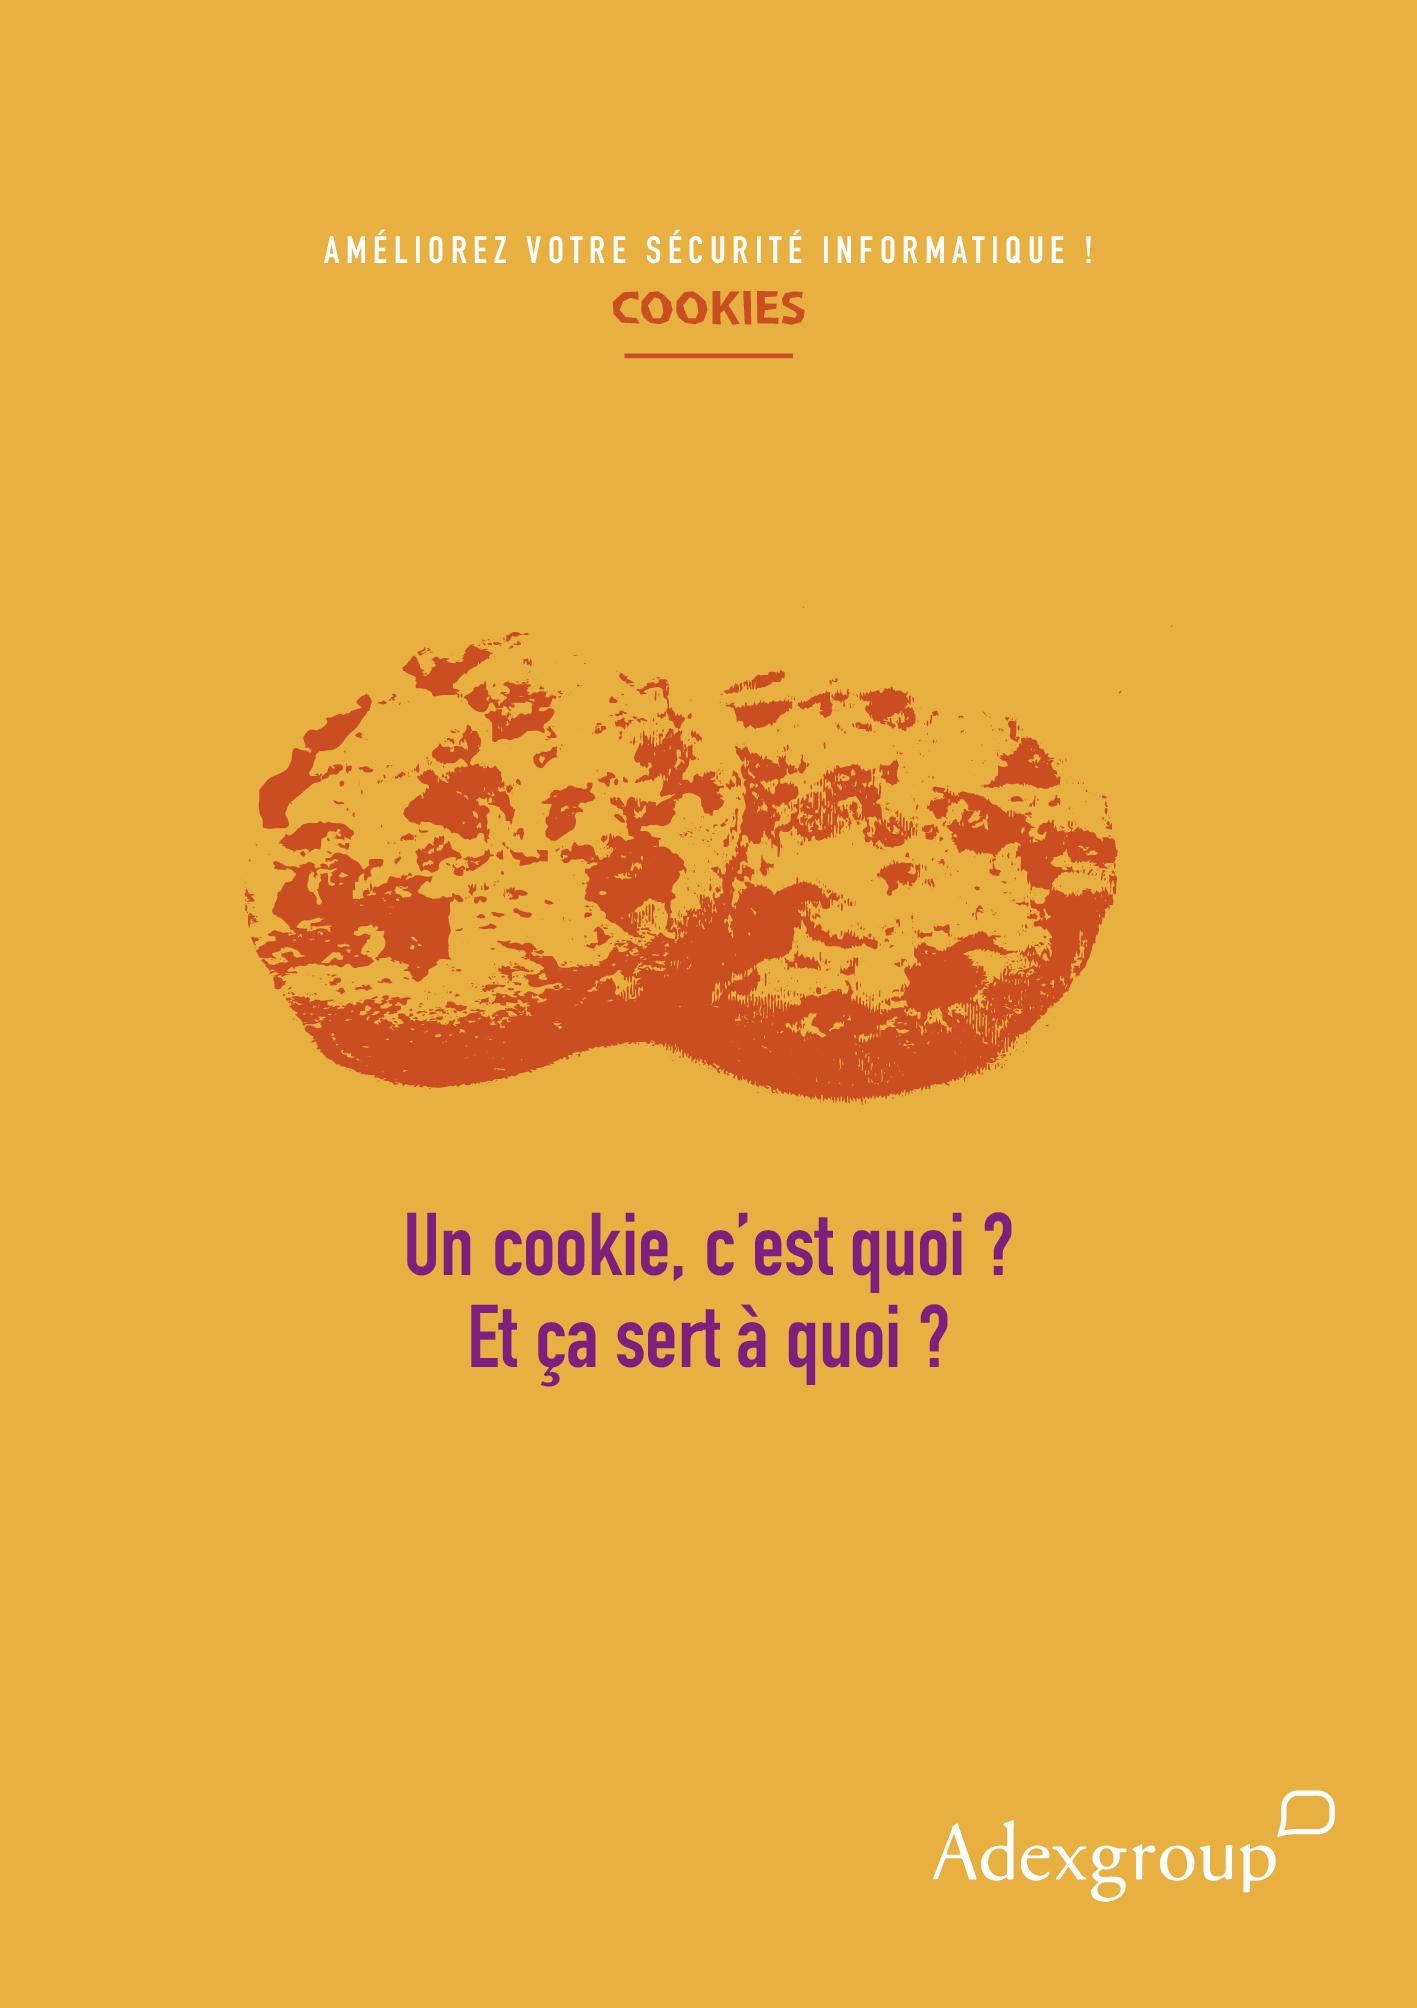 Affiche sur les cookies